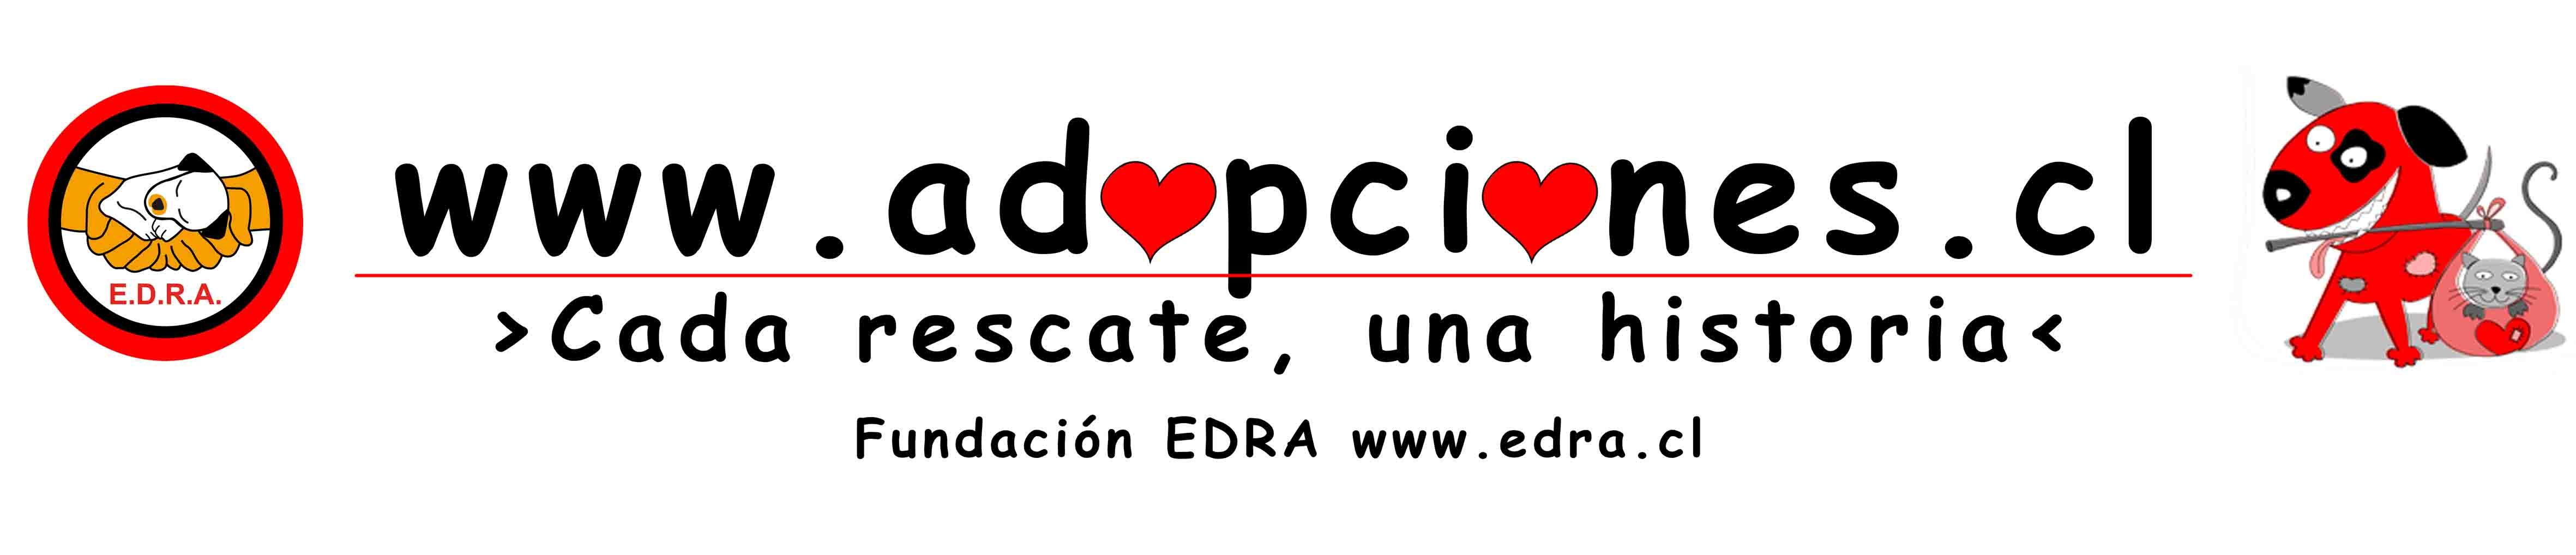 Cada rescate, una historia. Fundación EDRA